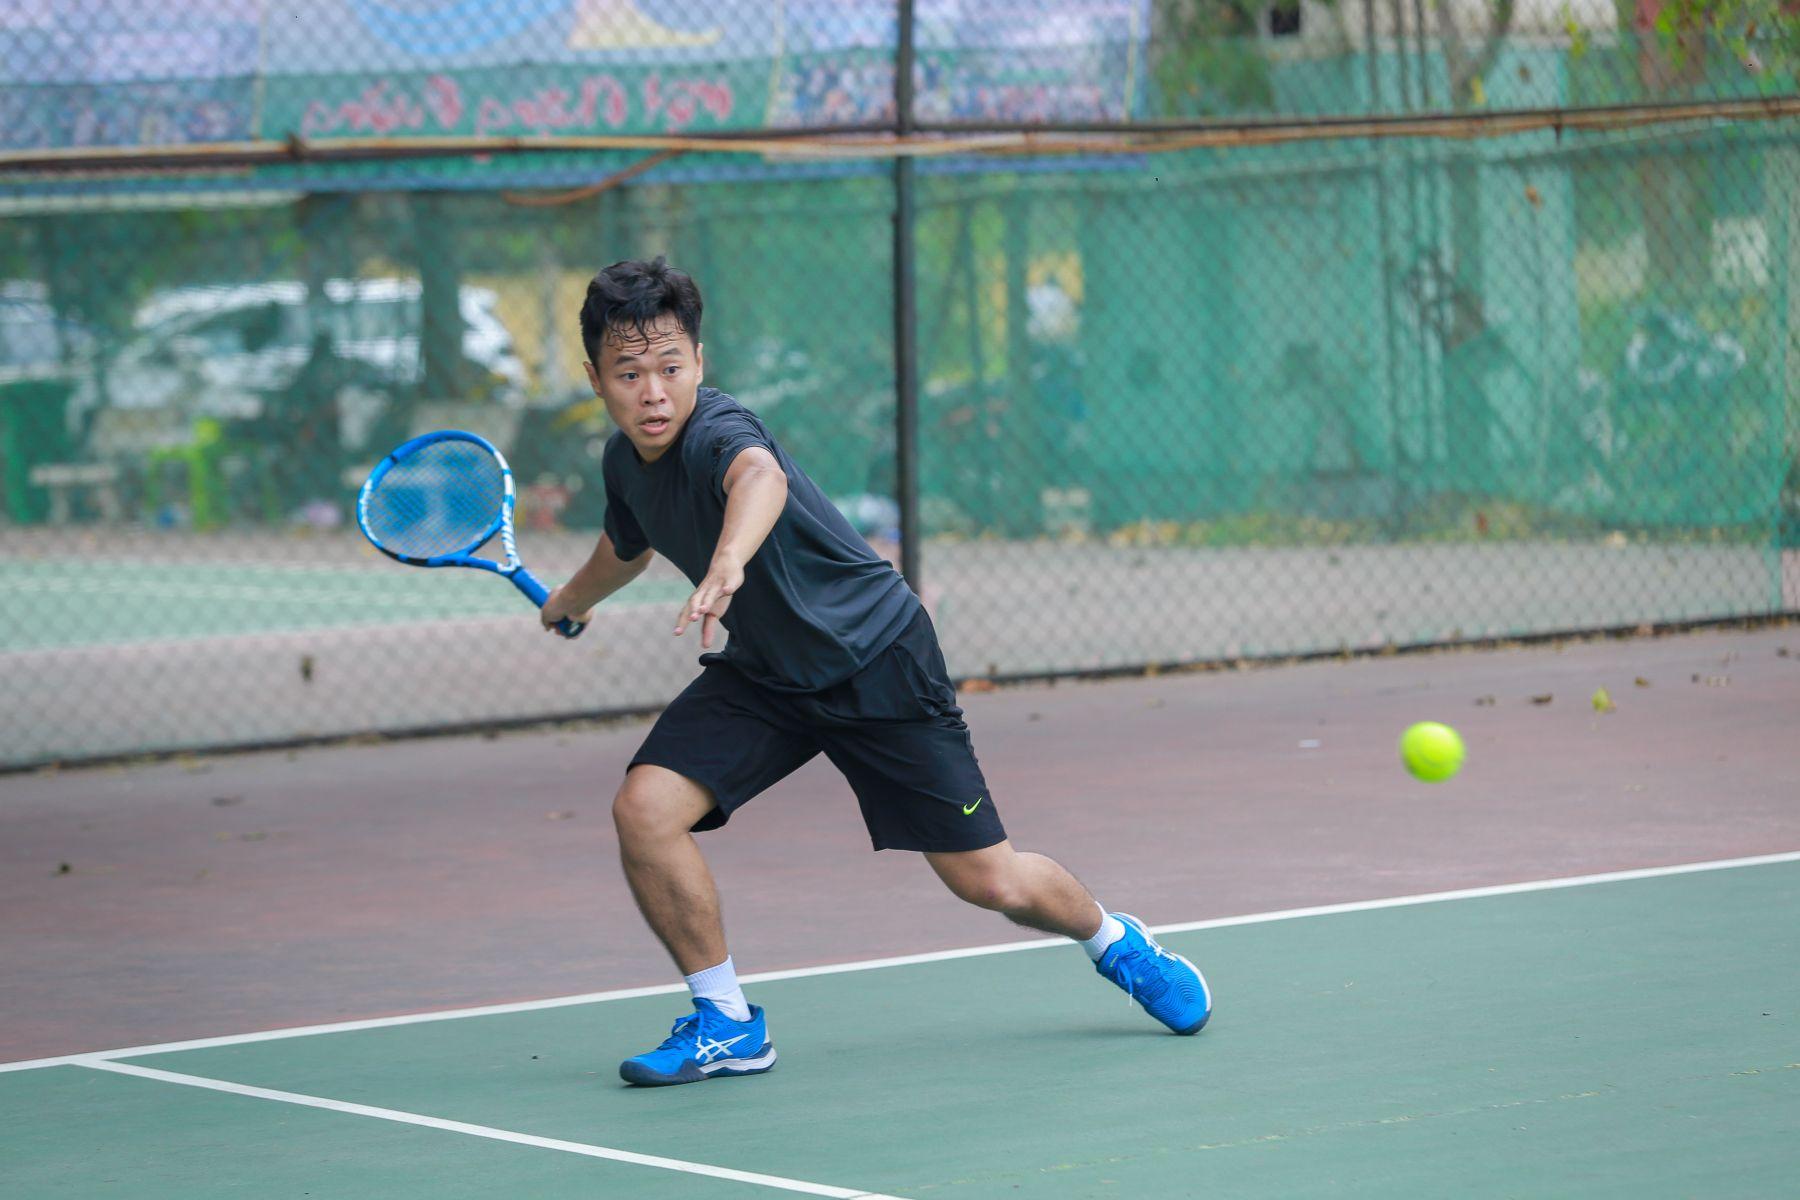 Tham gia học tennis miễn phí 0 đồng- Tại sao không thử?